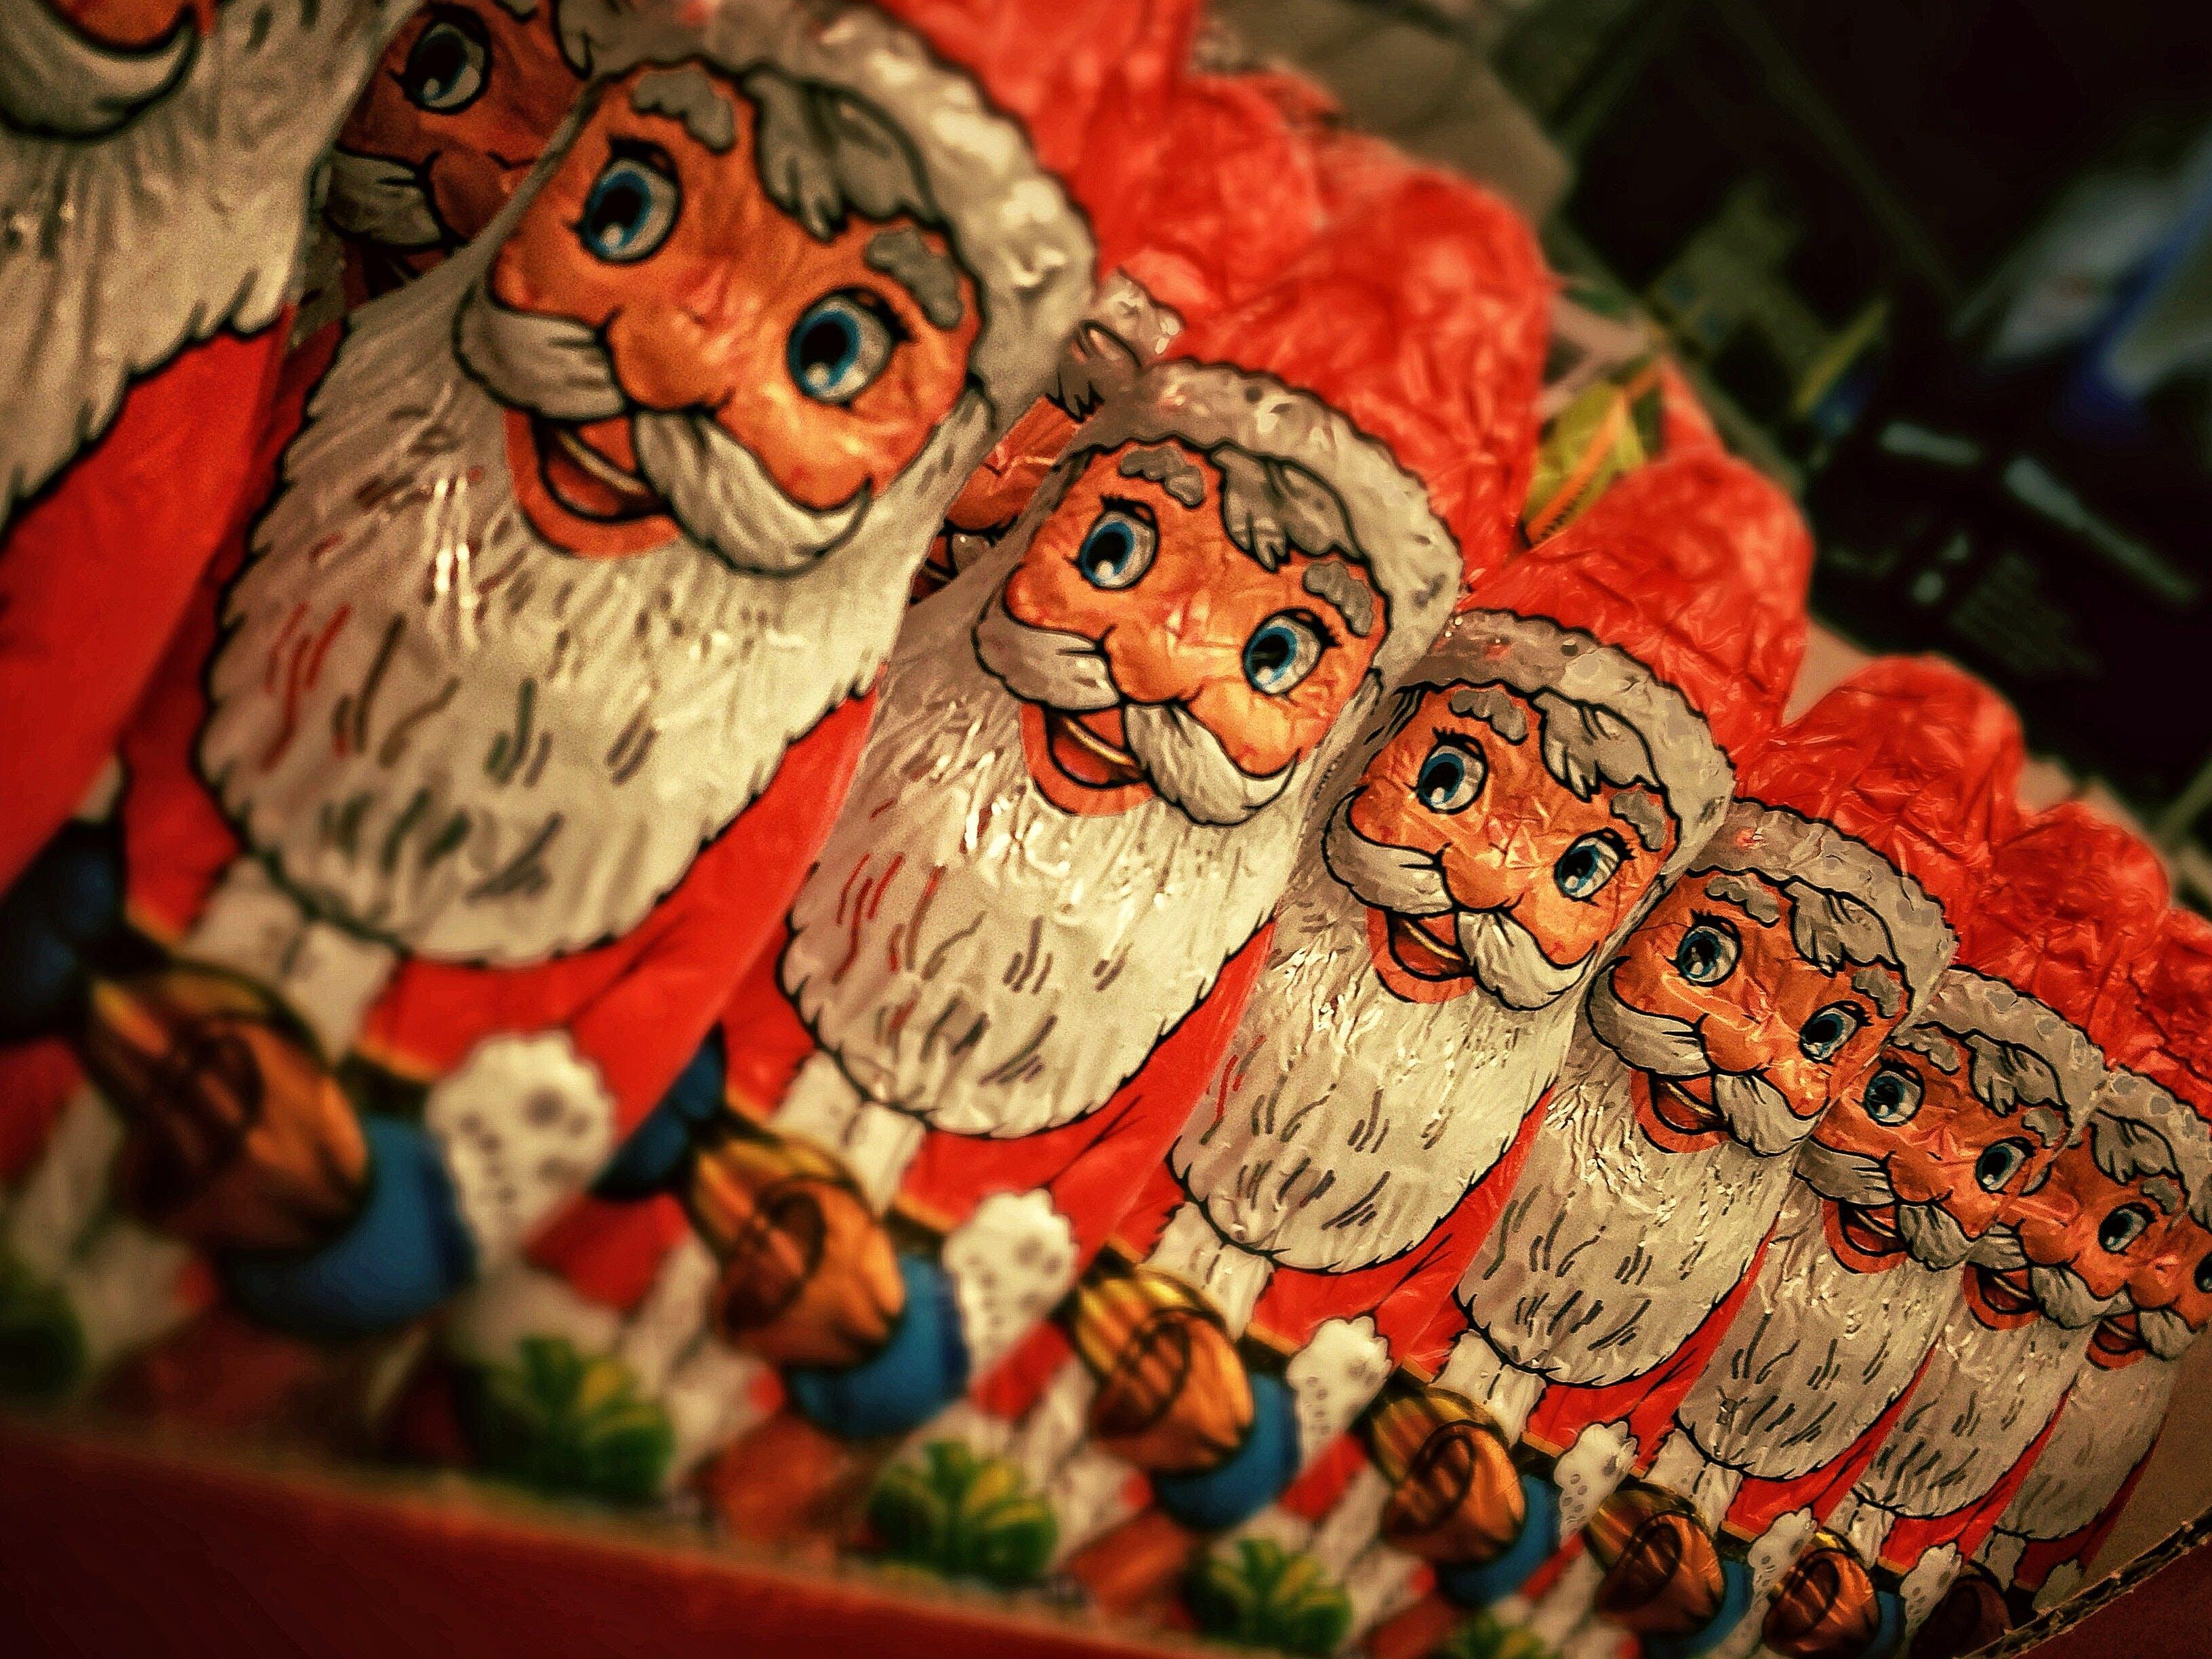 Foto profissional grátis de balas, chocolates, decoração de Natal, envoltório de chocolate